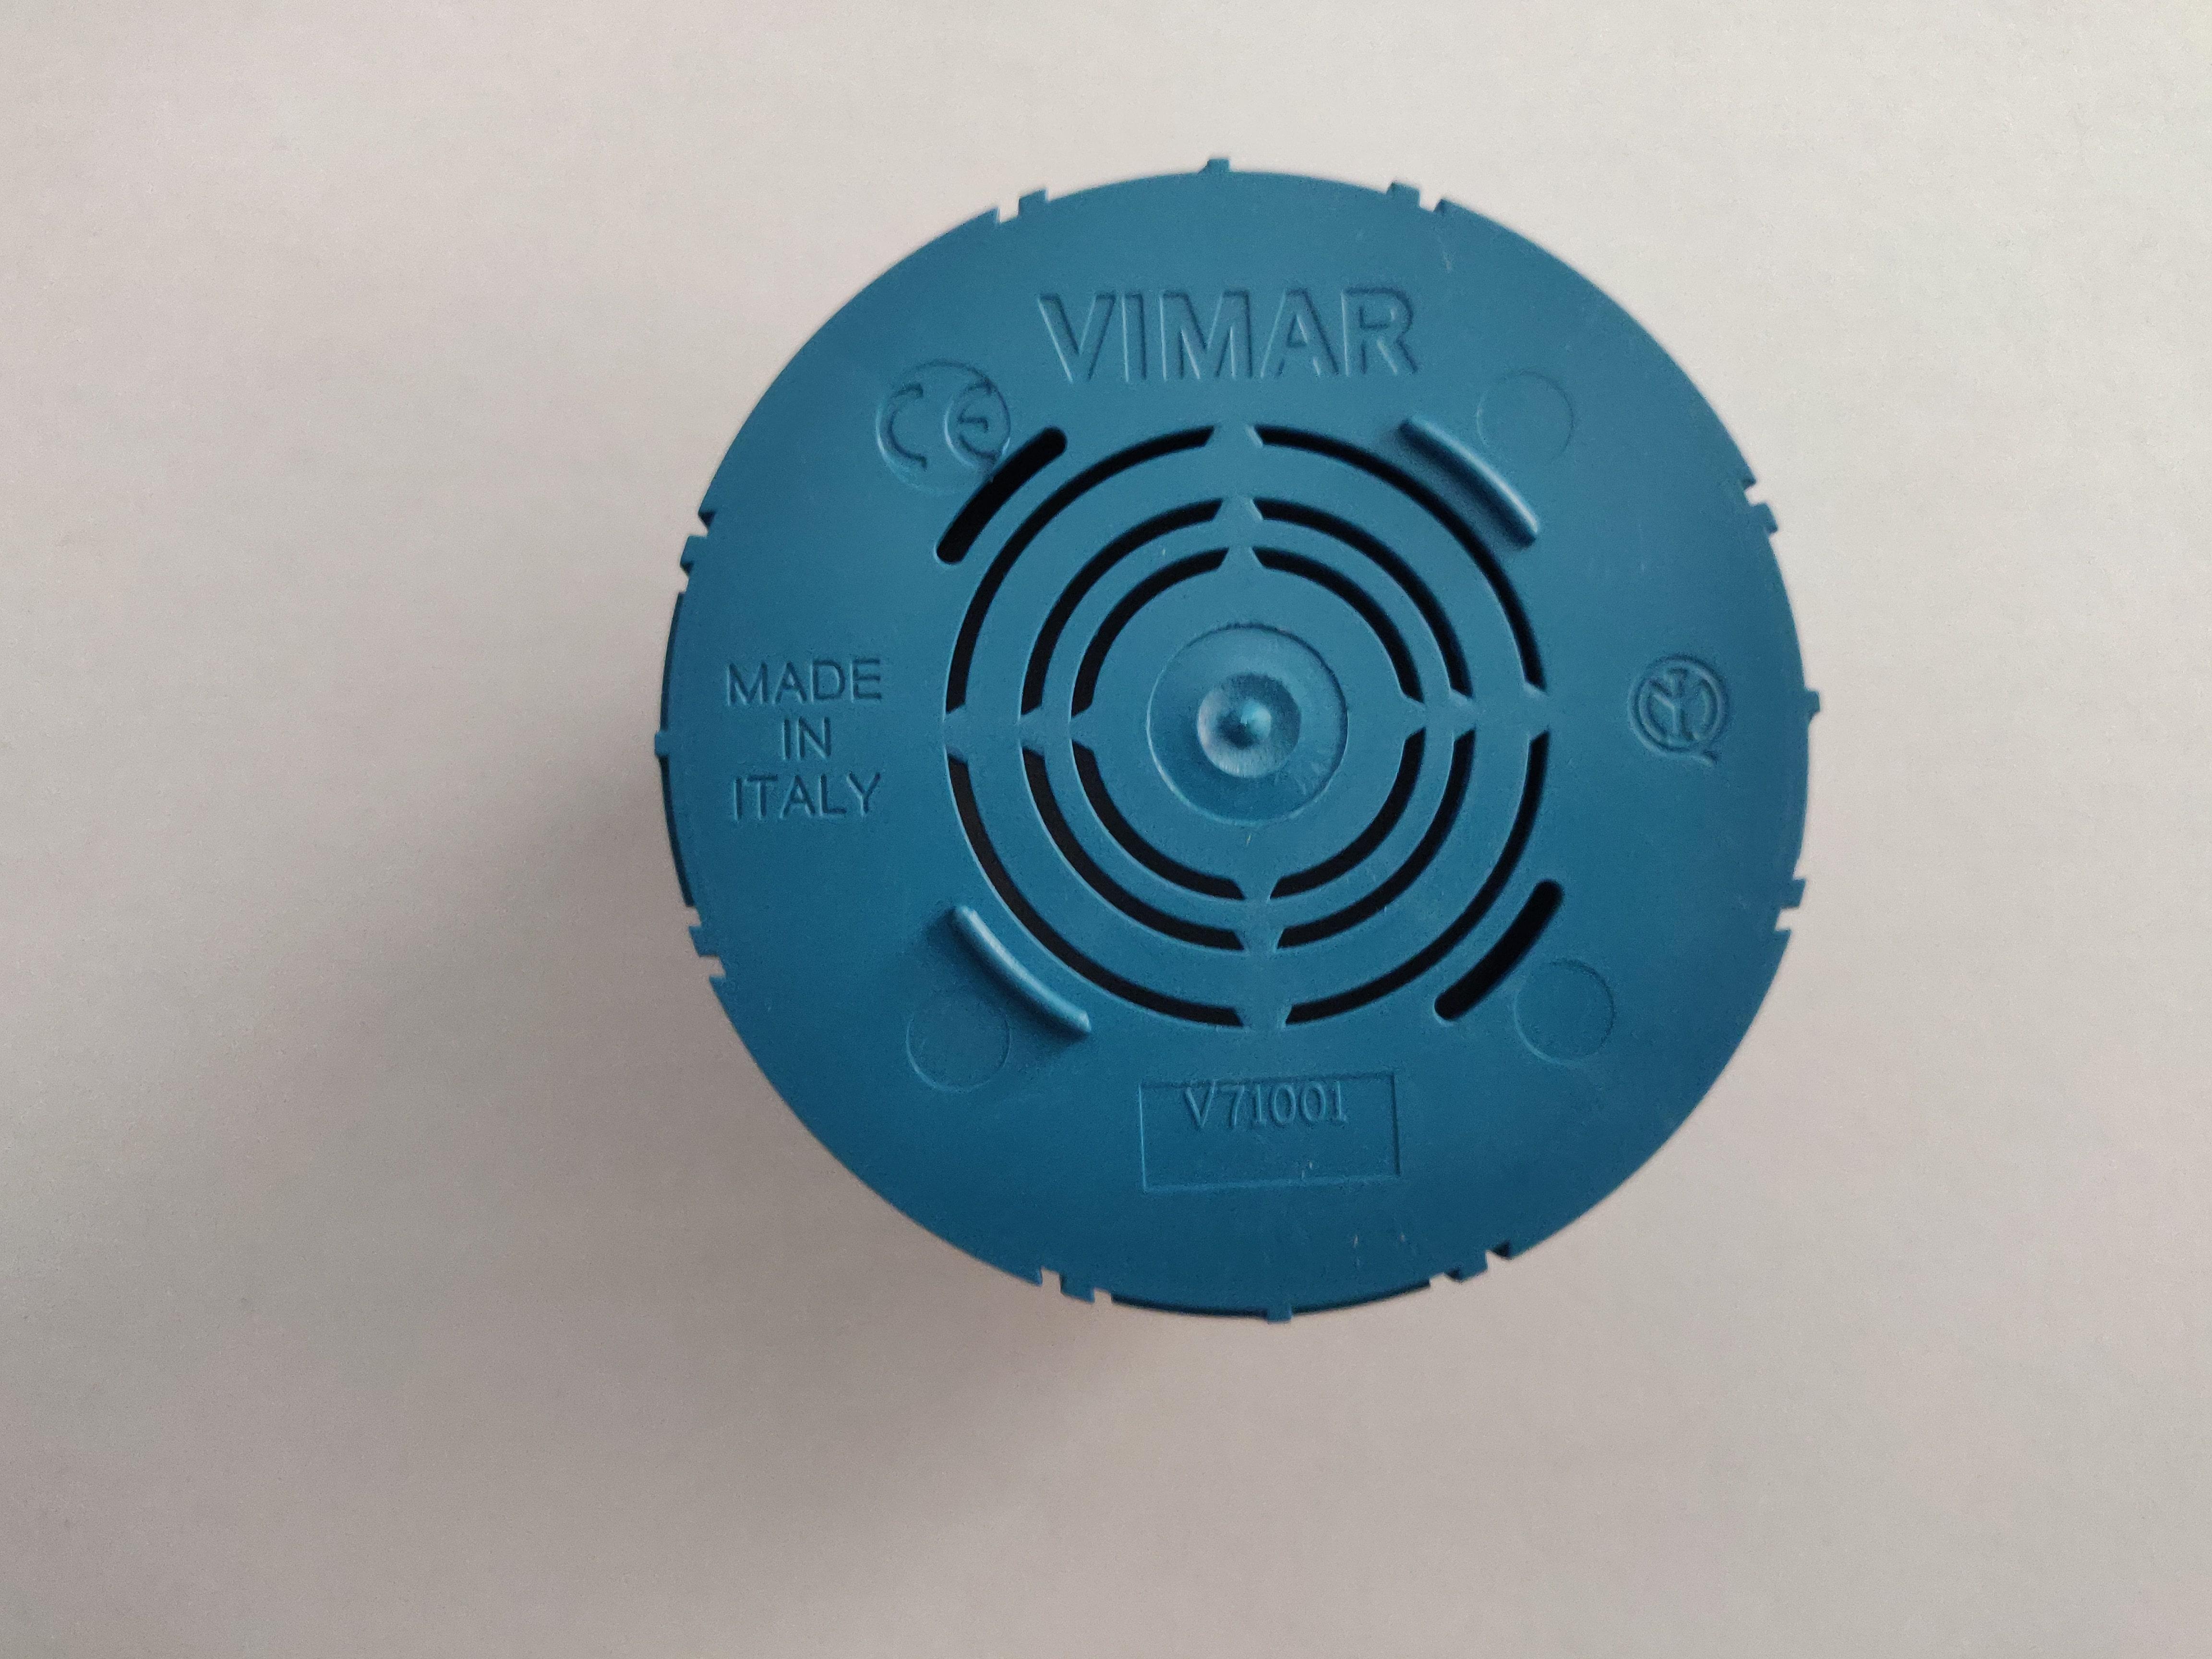 V71001-vimar-scatola-derivazione-incasso-tonda-blu.jpg